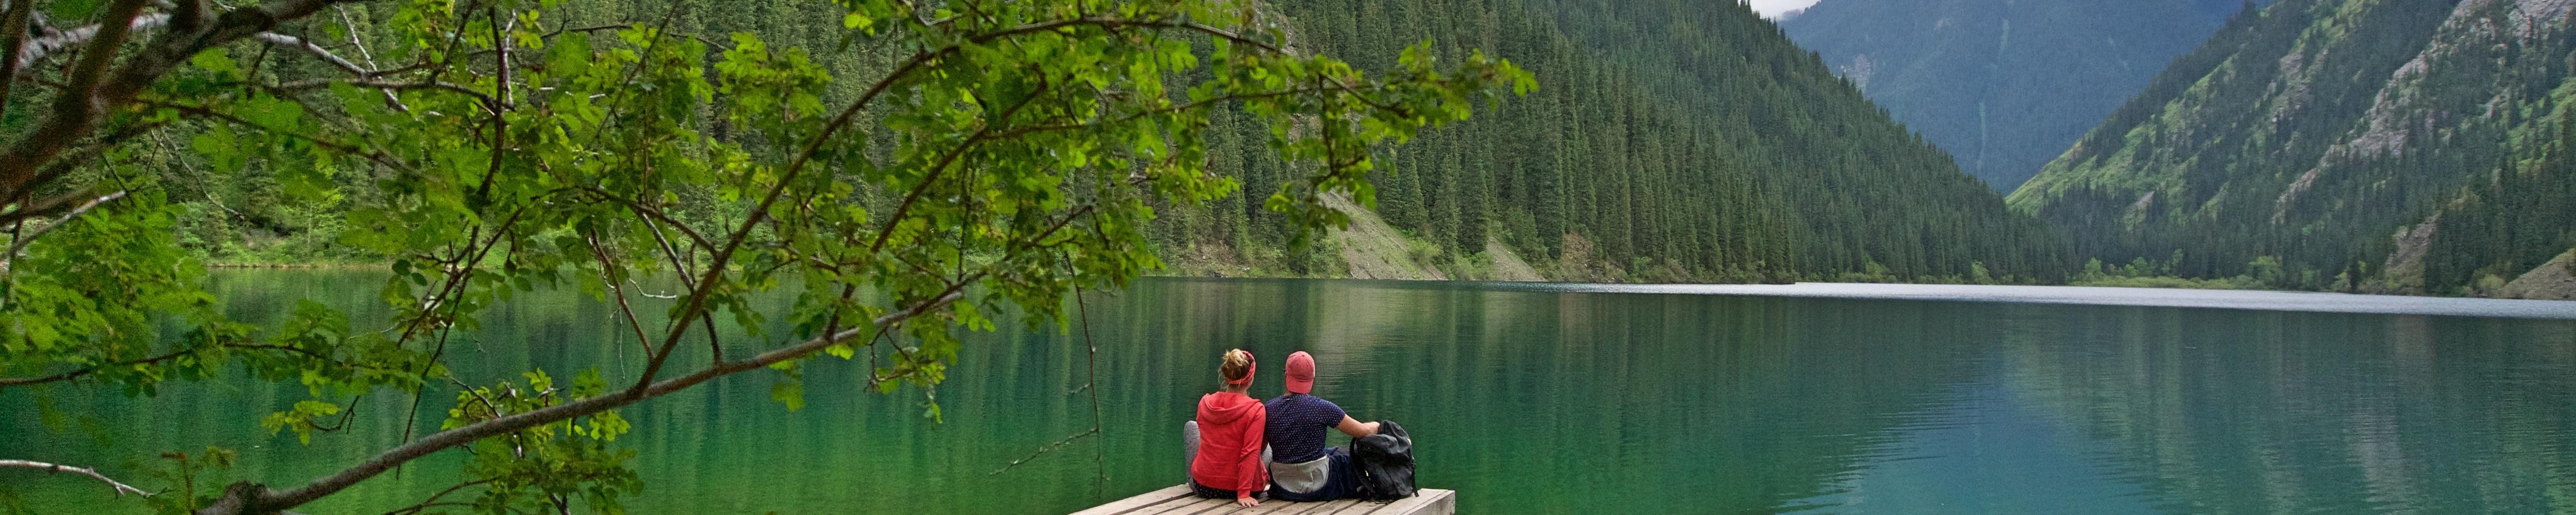 Kazachstan Kolsai Lake